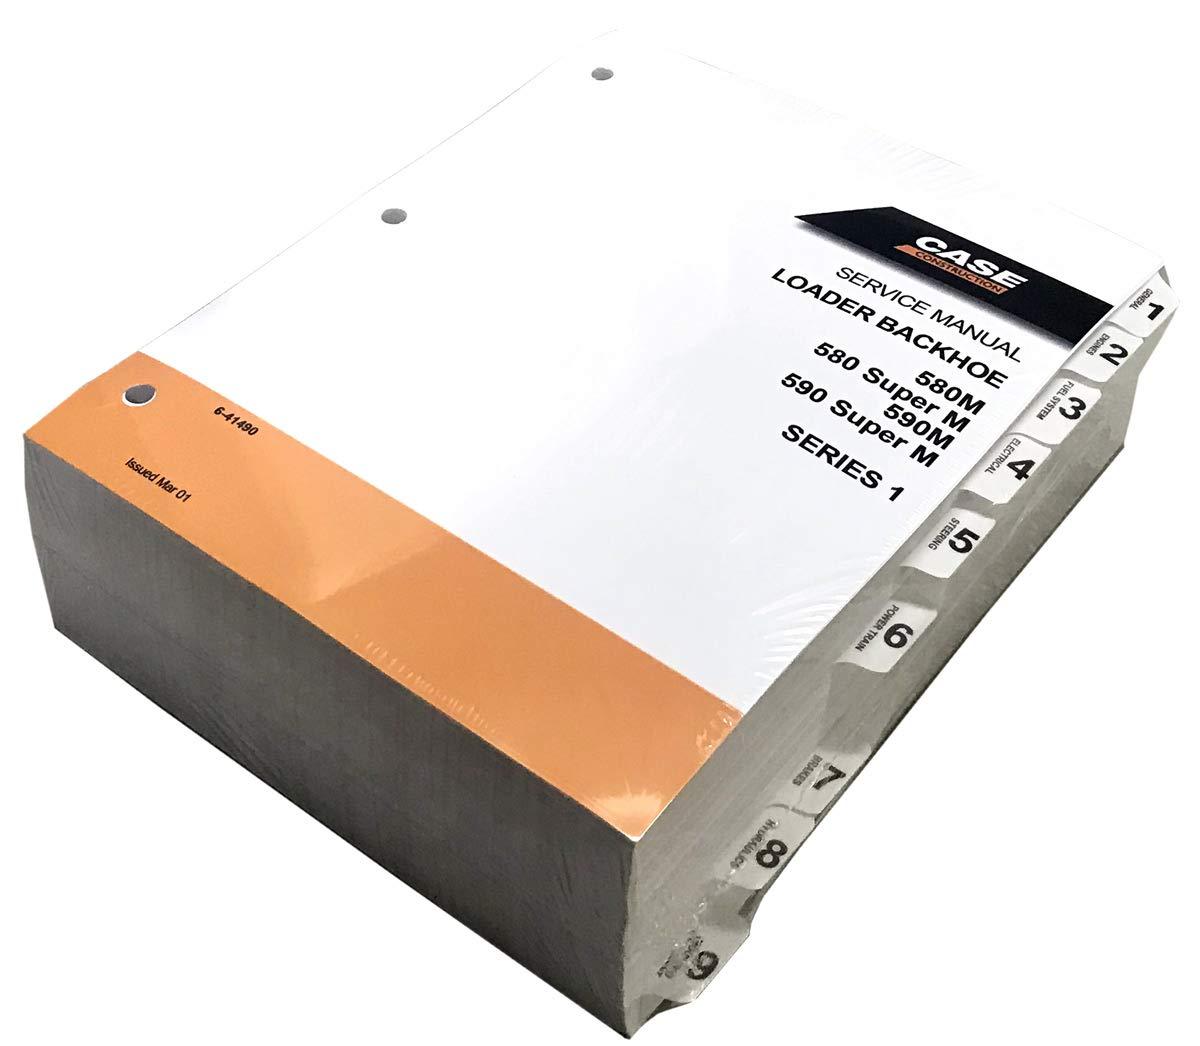 Case 580M, 590M and 580 Super M, 590 Super M Loader Backhoe Workshop Repair Service Manual - Part Number 6-41490 by Case (Image #1)